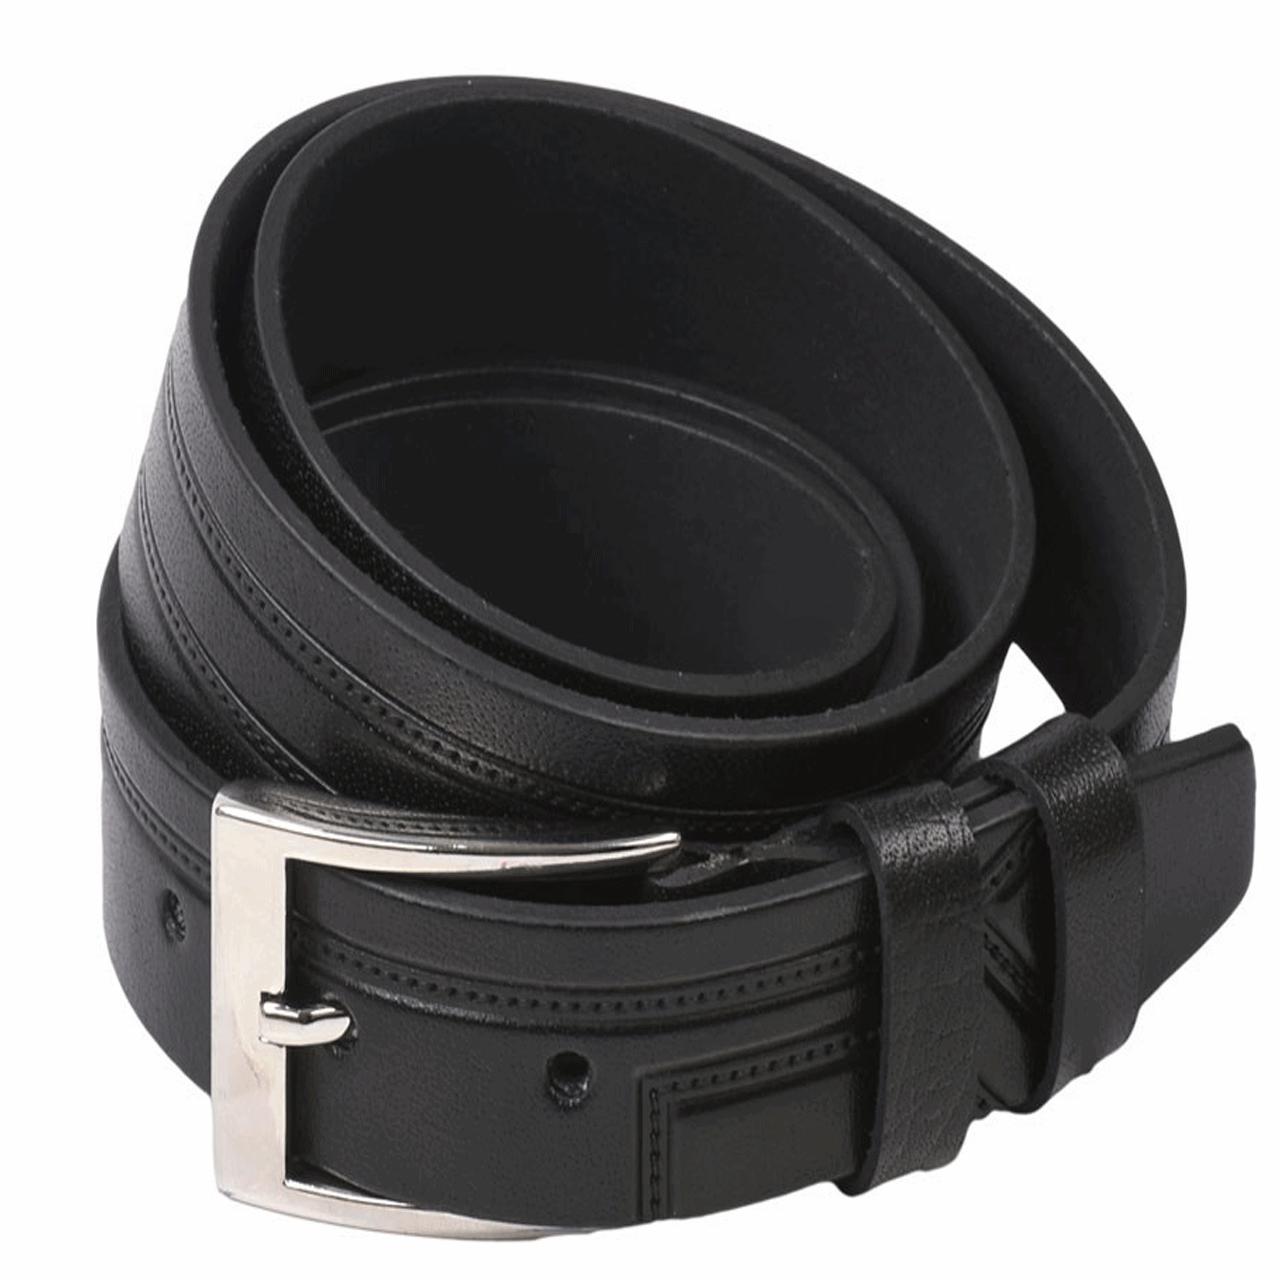 Zanco leather men's belt, K-2018 Model